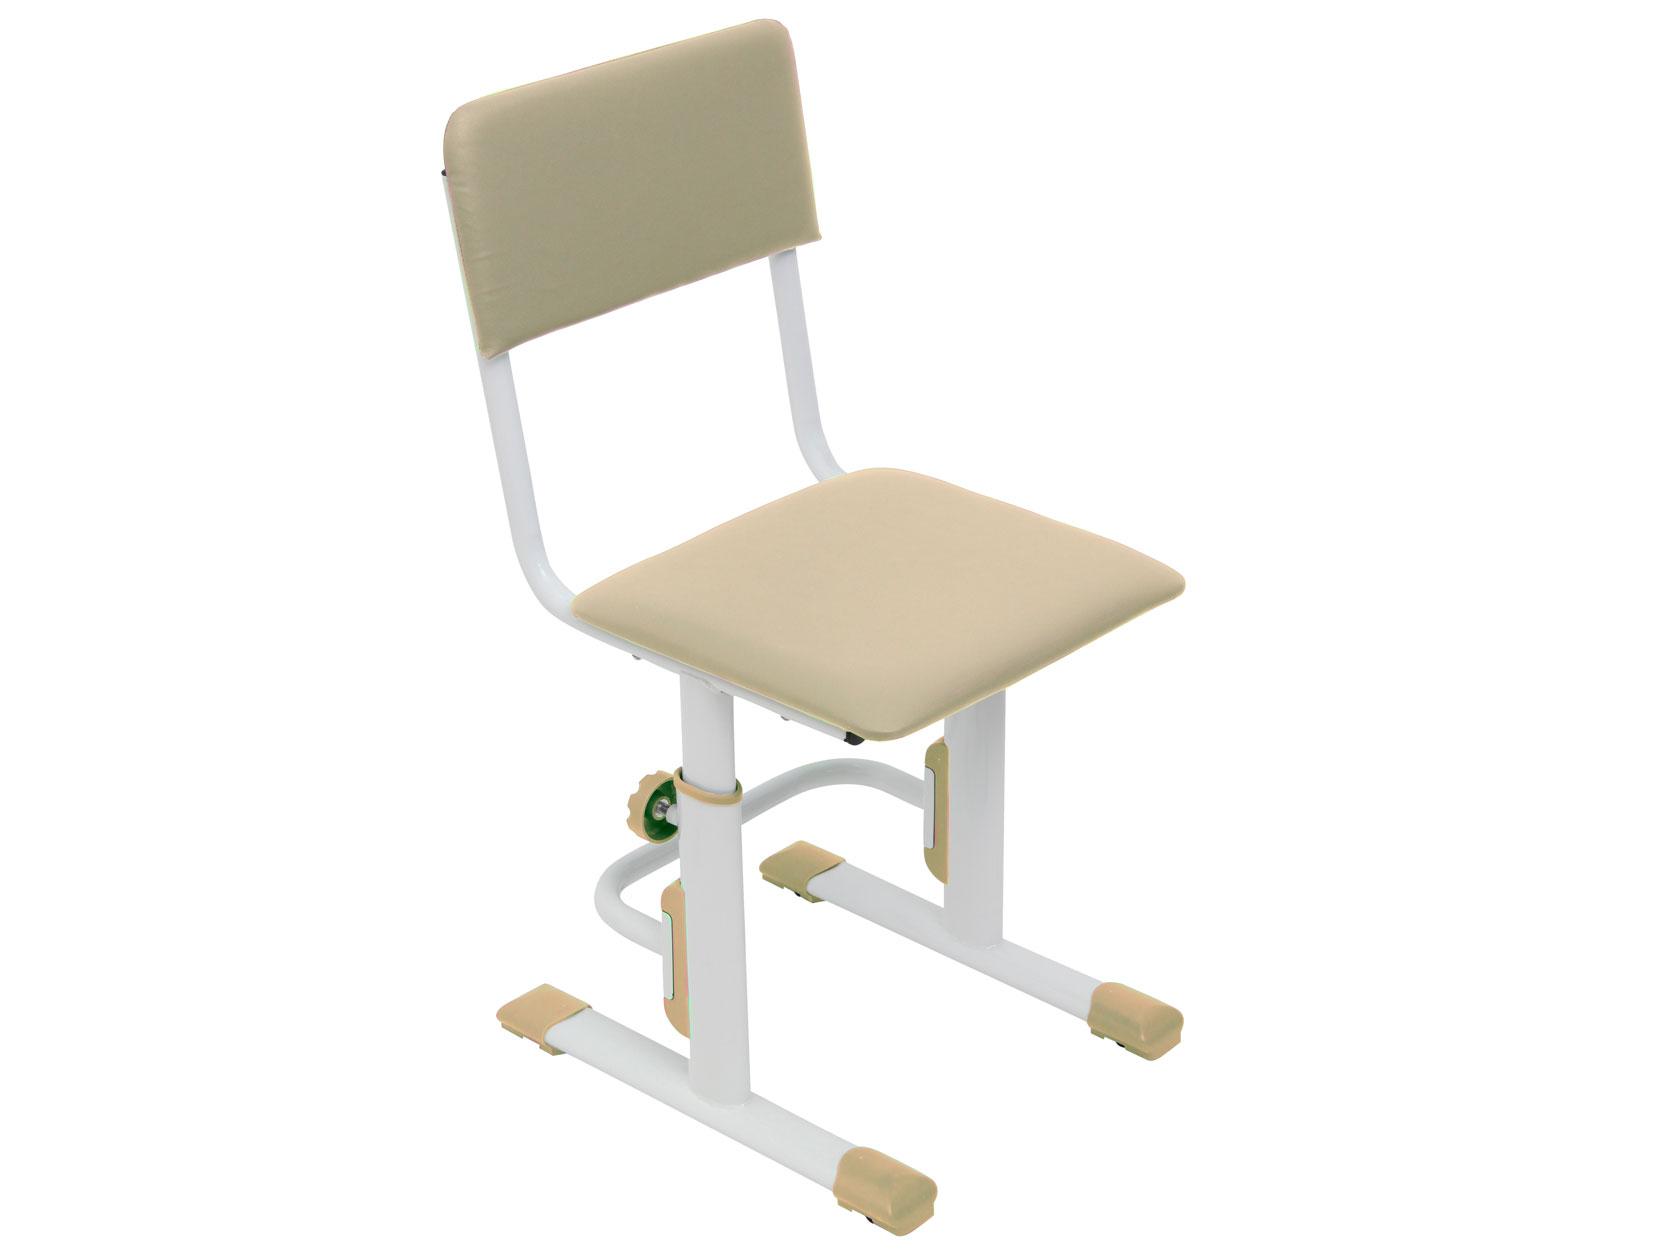 Регулируемый детский стул 109-110576